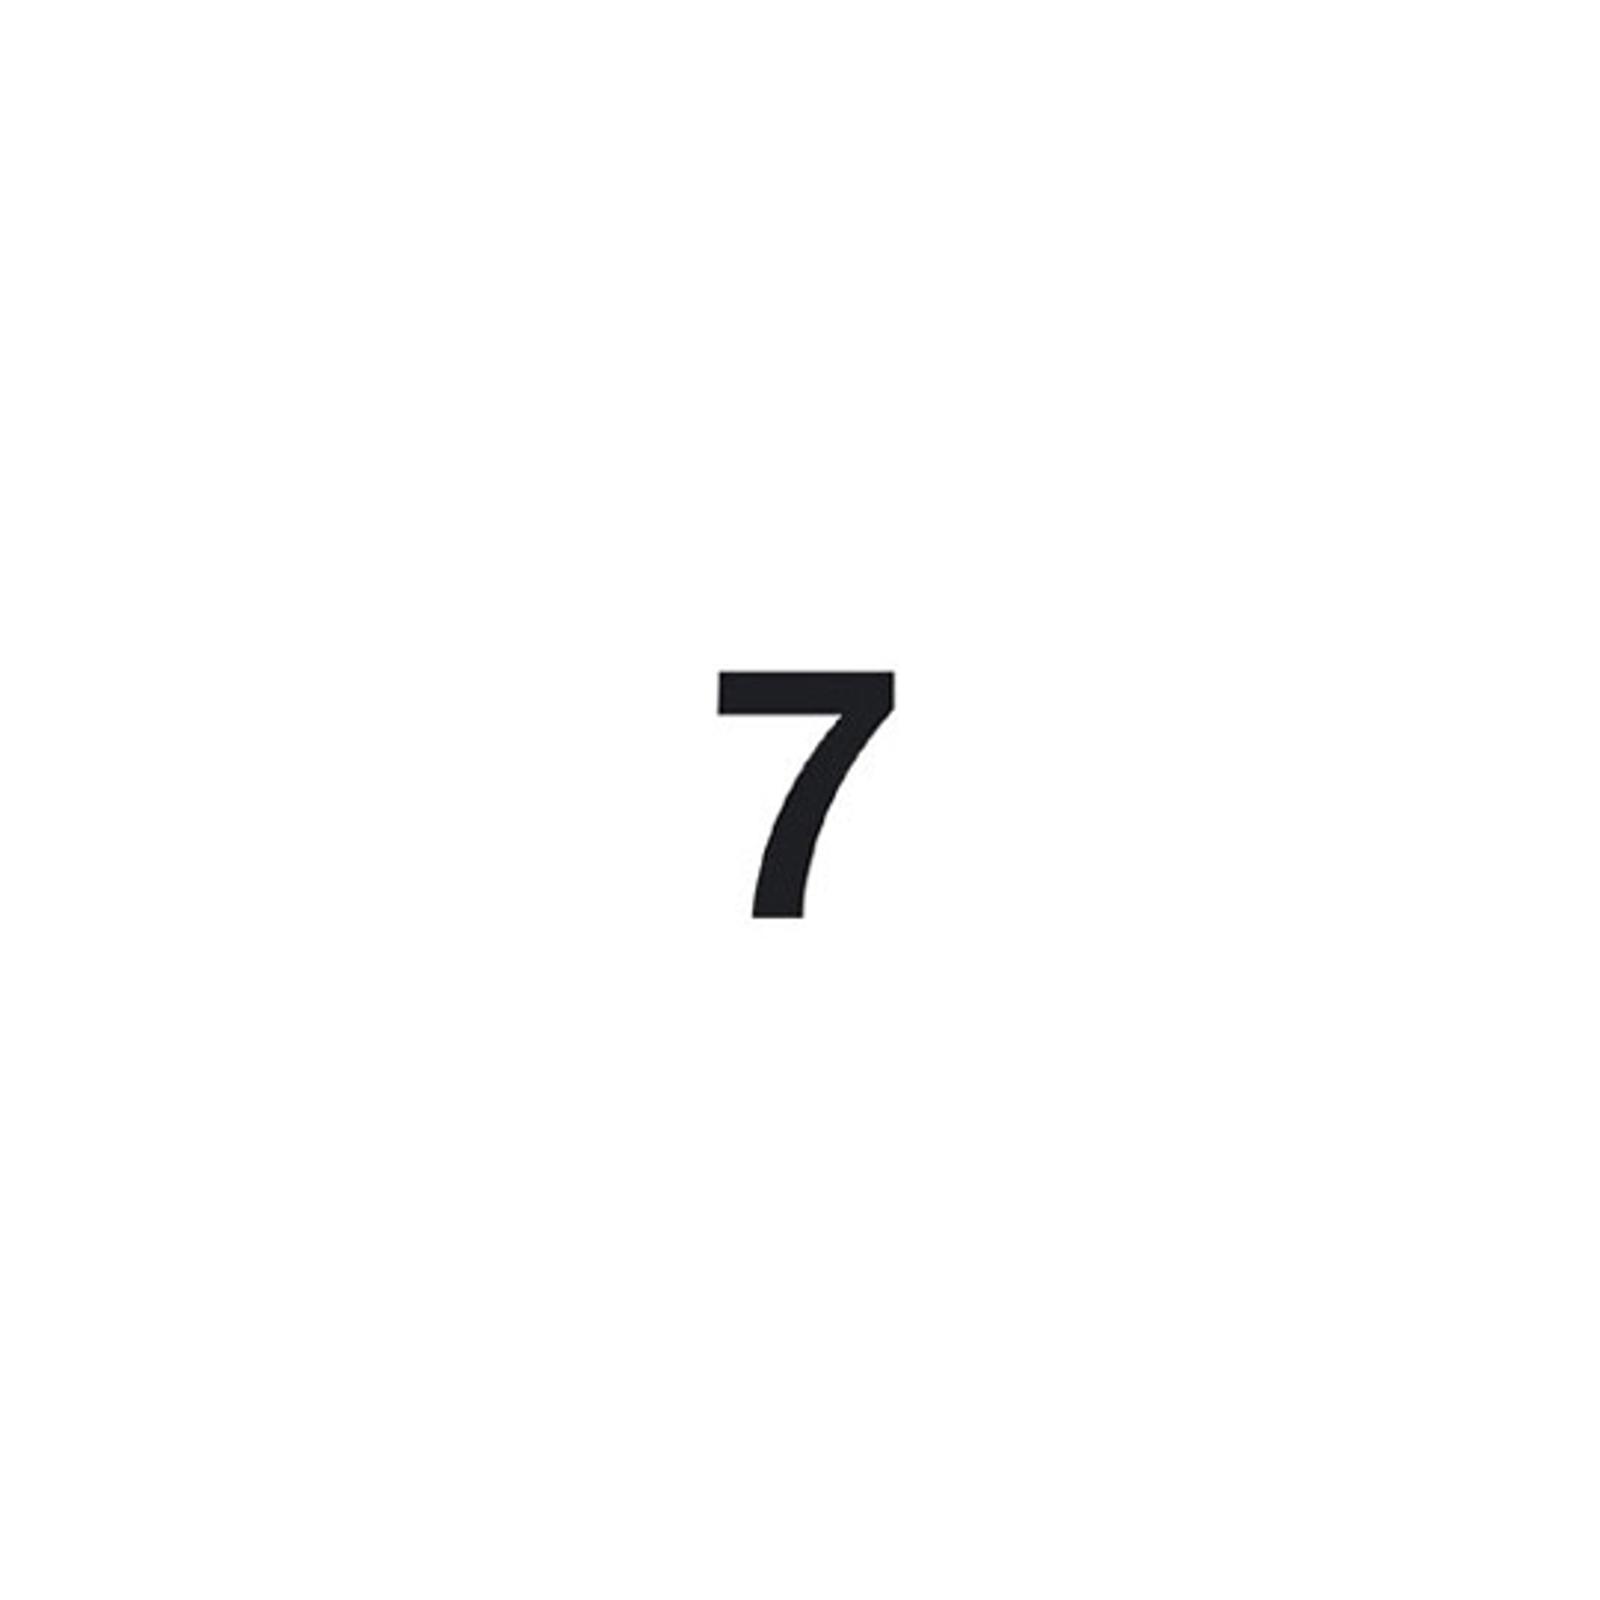 Itseliimautuva numero 7